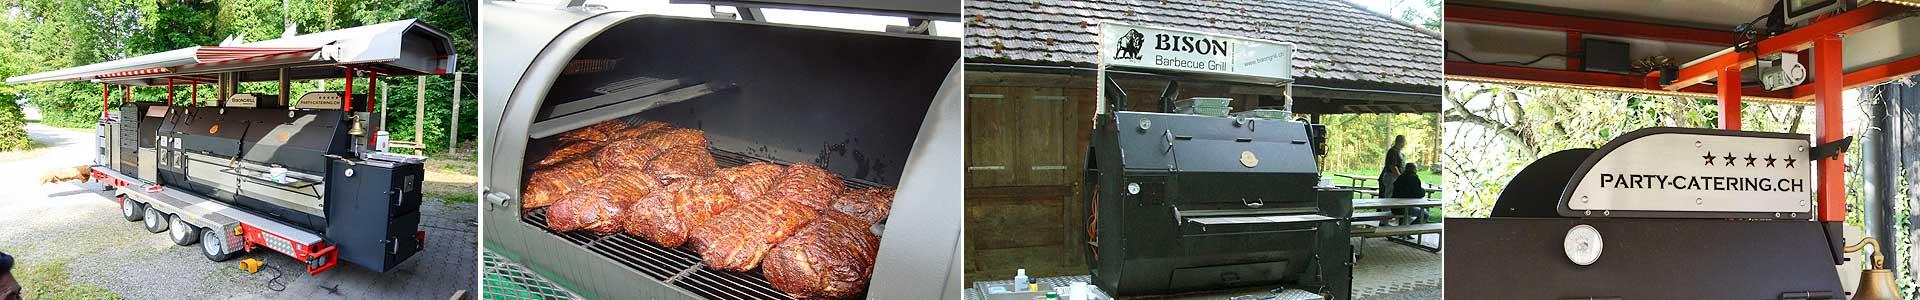 Barbecue Grill-Stationen